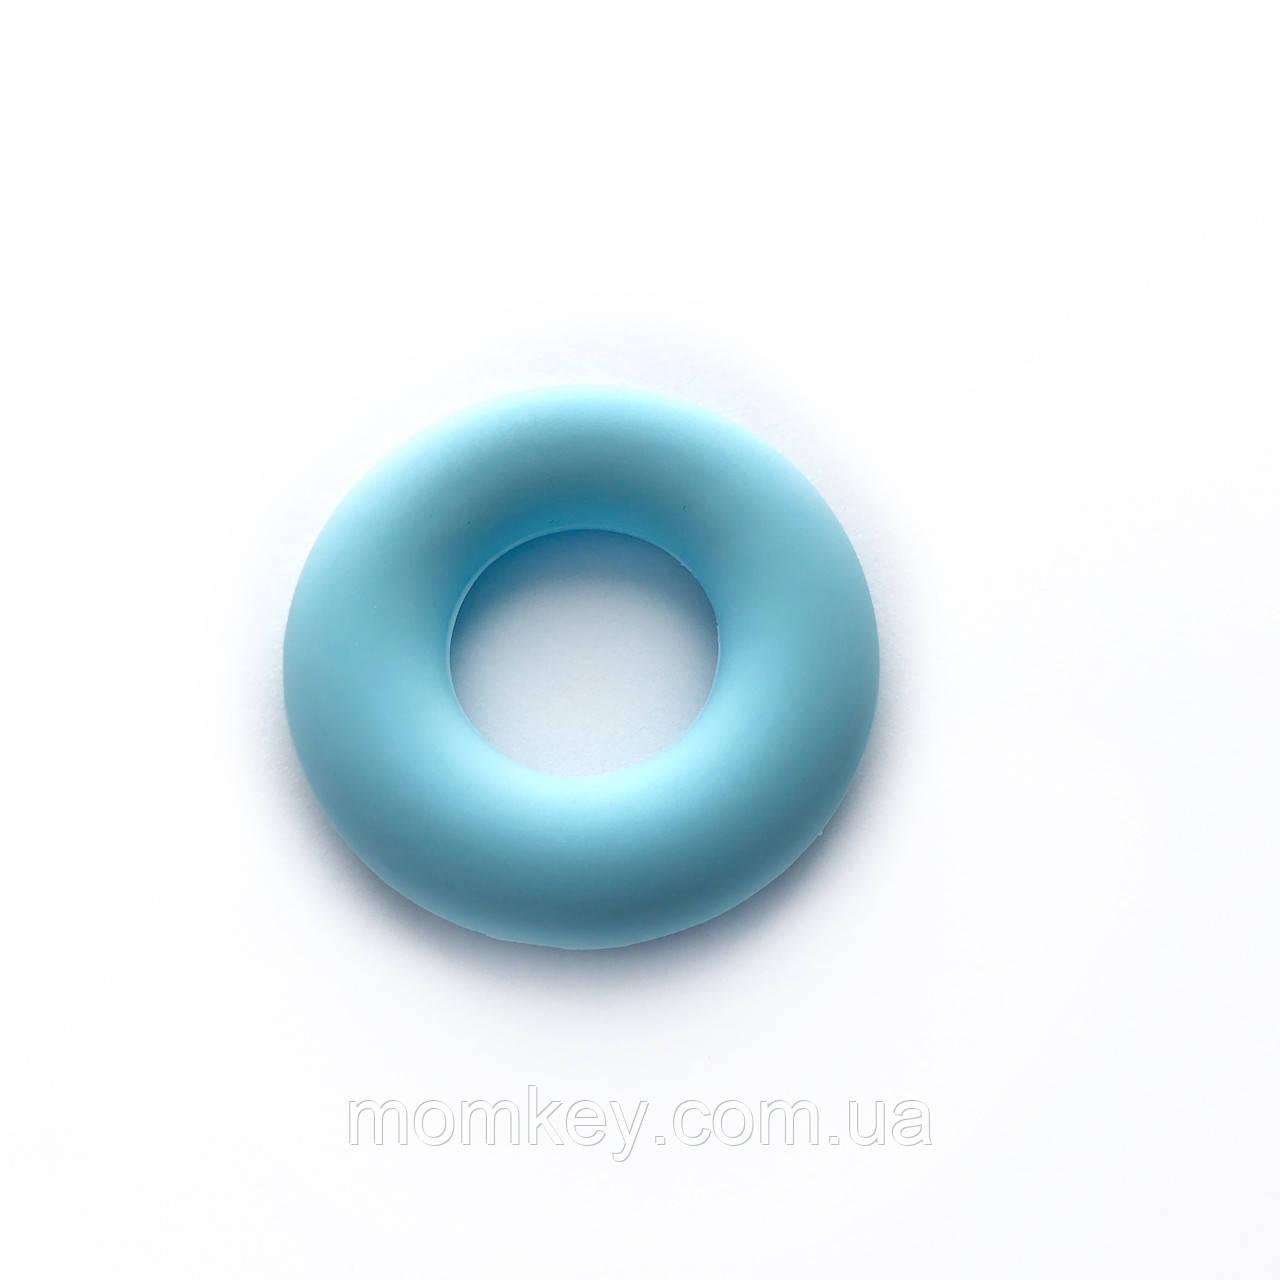 Колечко 43 мм (светло-голубой)